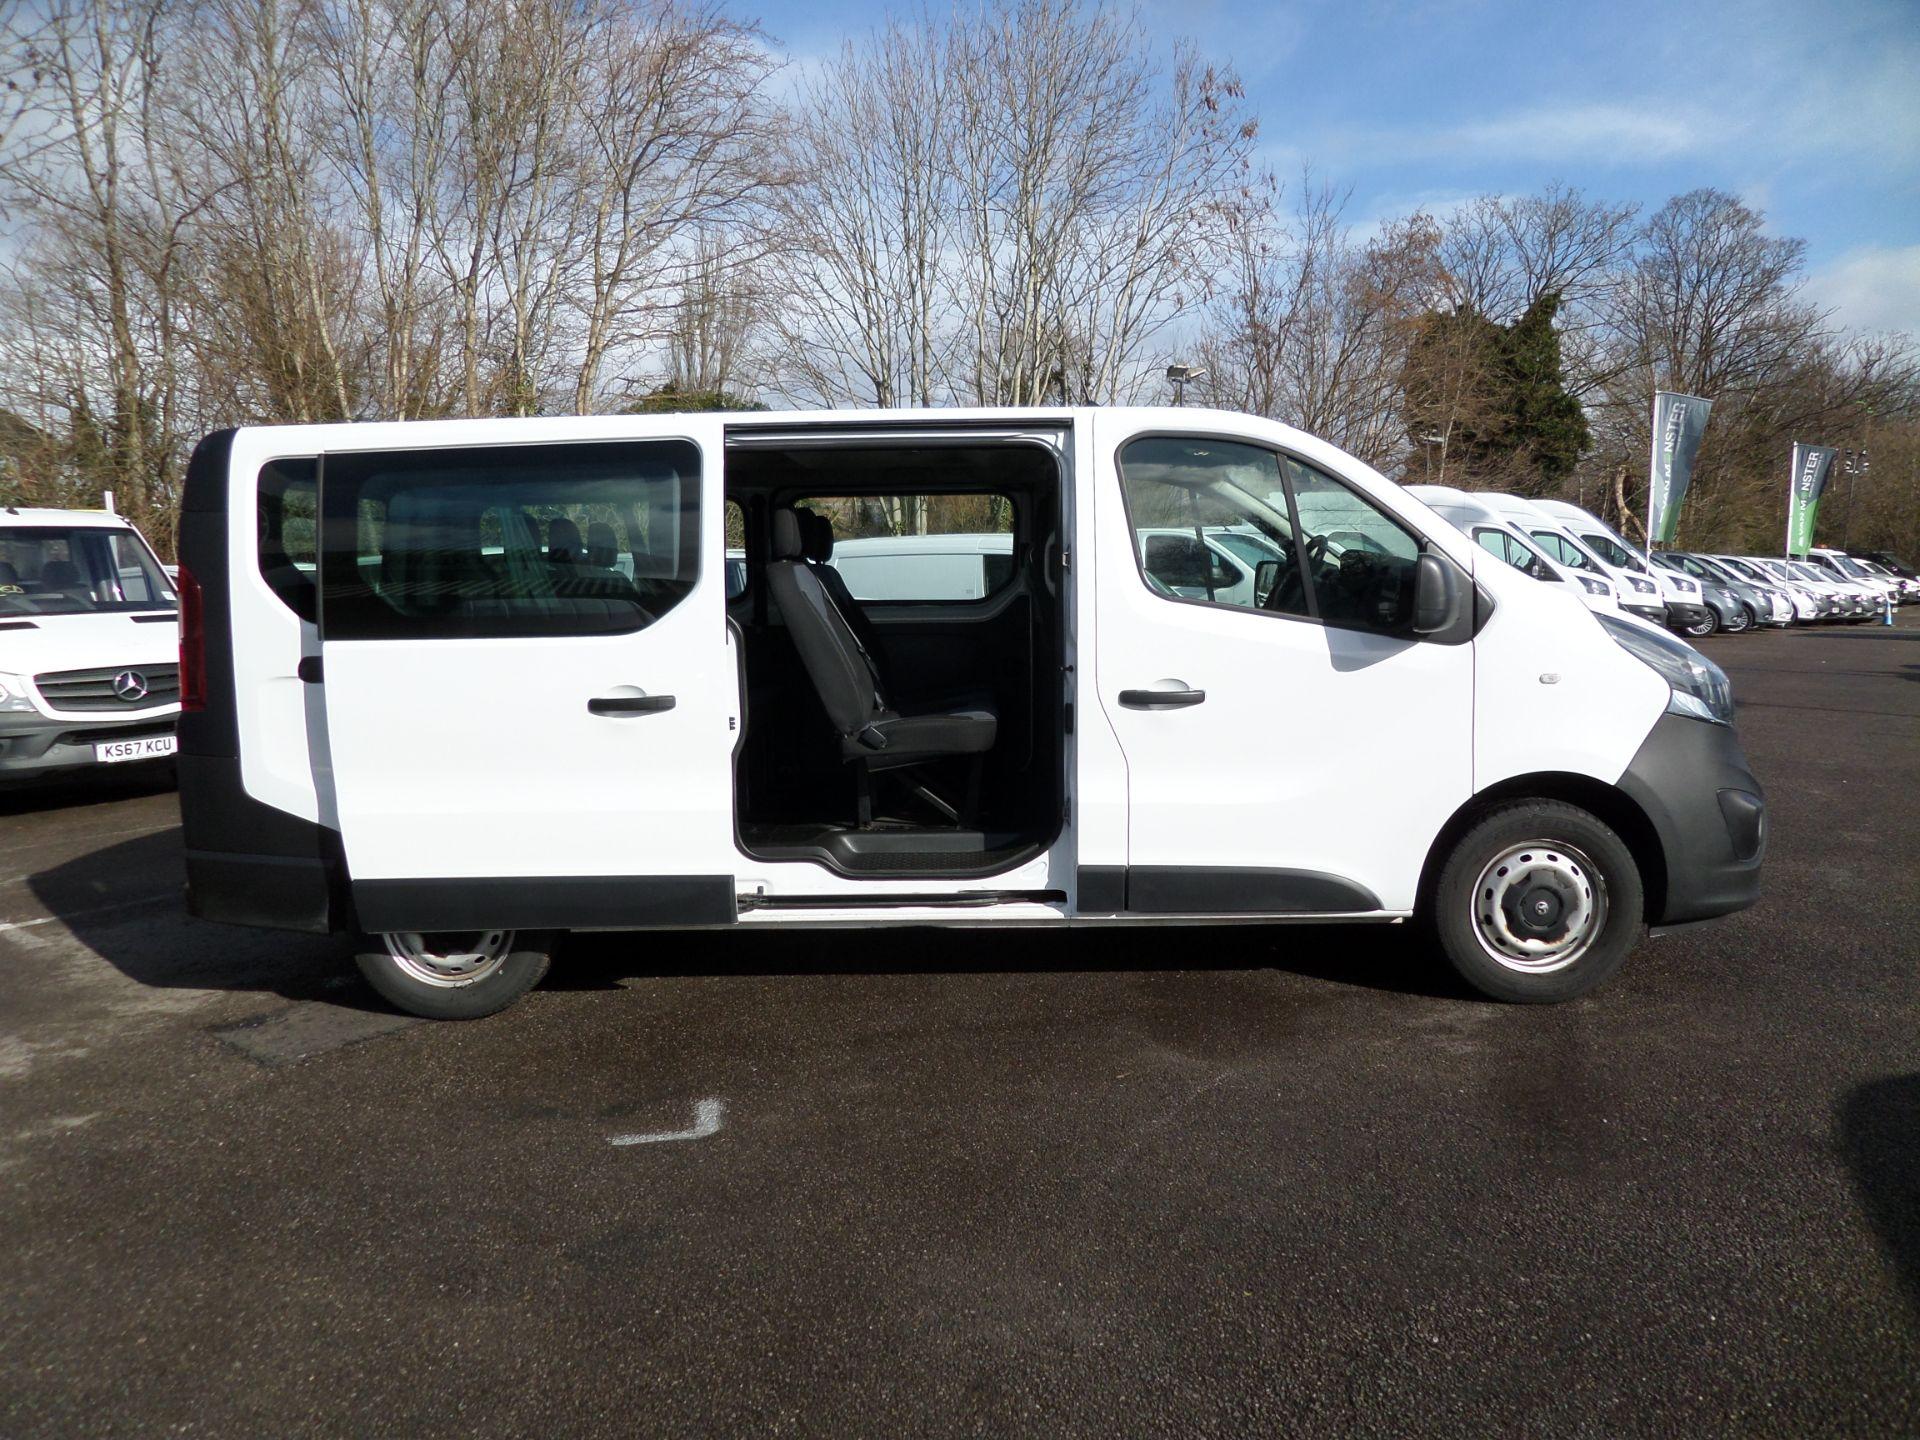 2017 Vauxhall Vivaro 2900 1.6Cdti Biturbo 125Ps H1 Combi 9 Seat (NO VAT) 70mph Limited (DY17UTV) Image 11